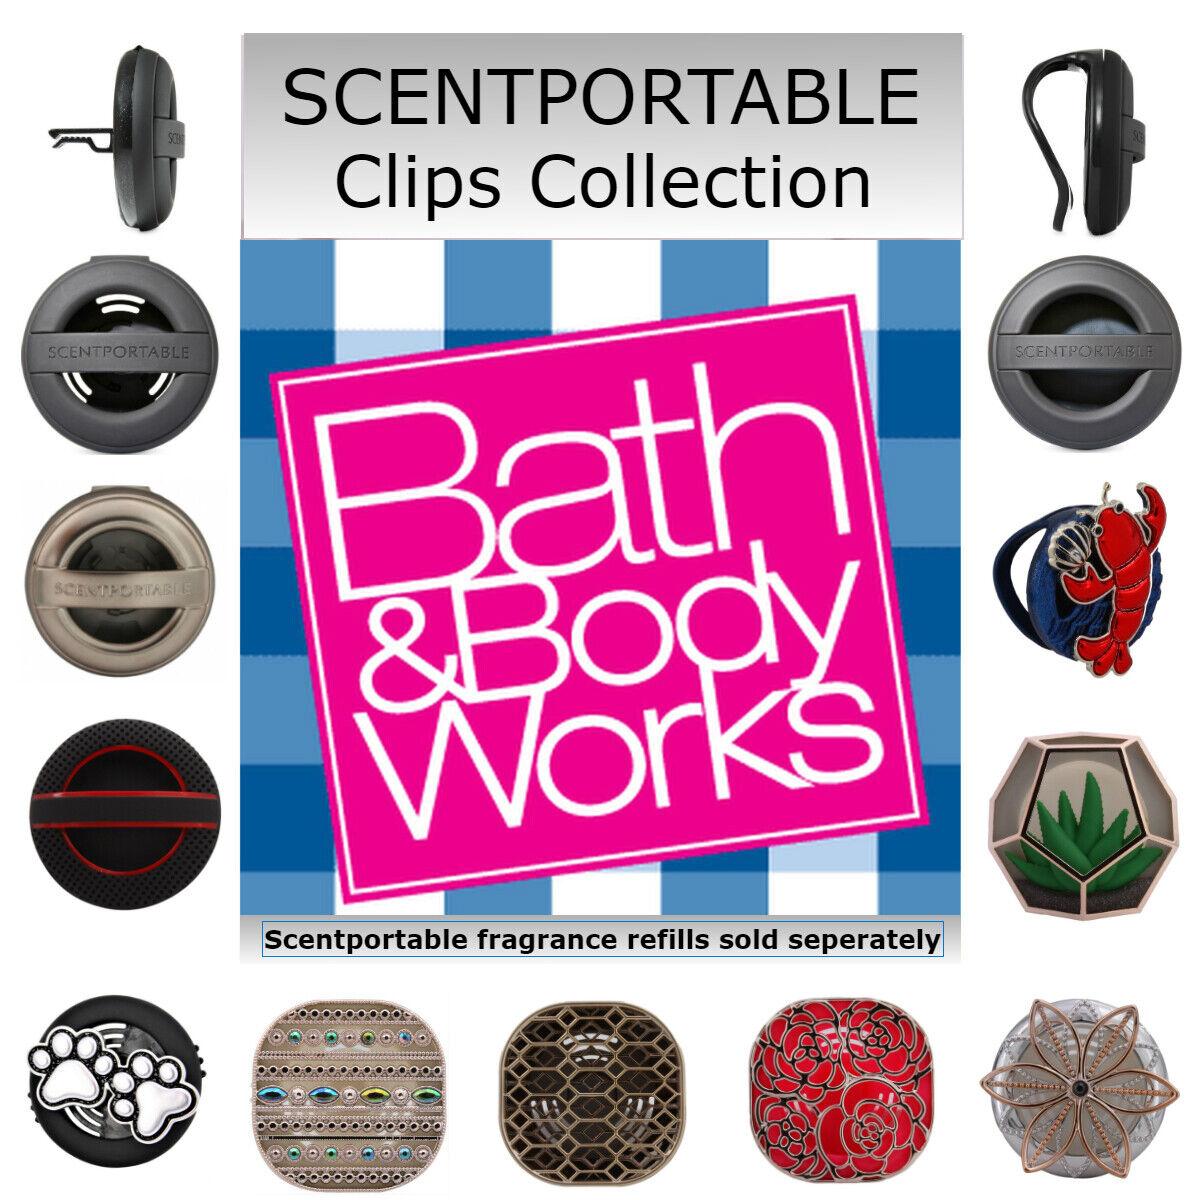 bath body works scentportable car air freshener